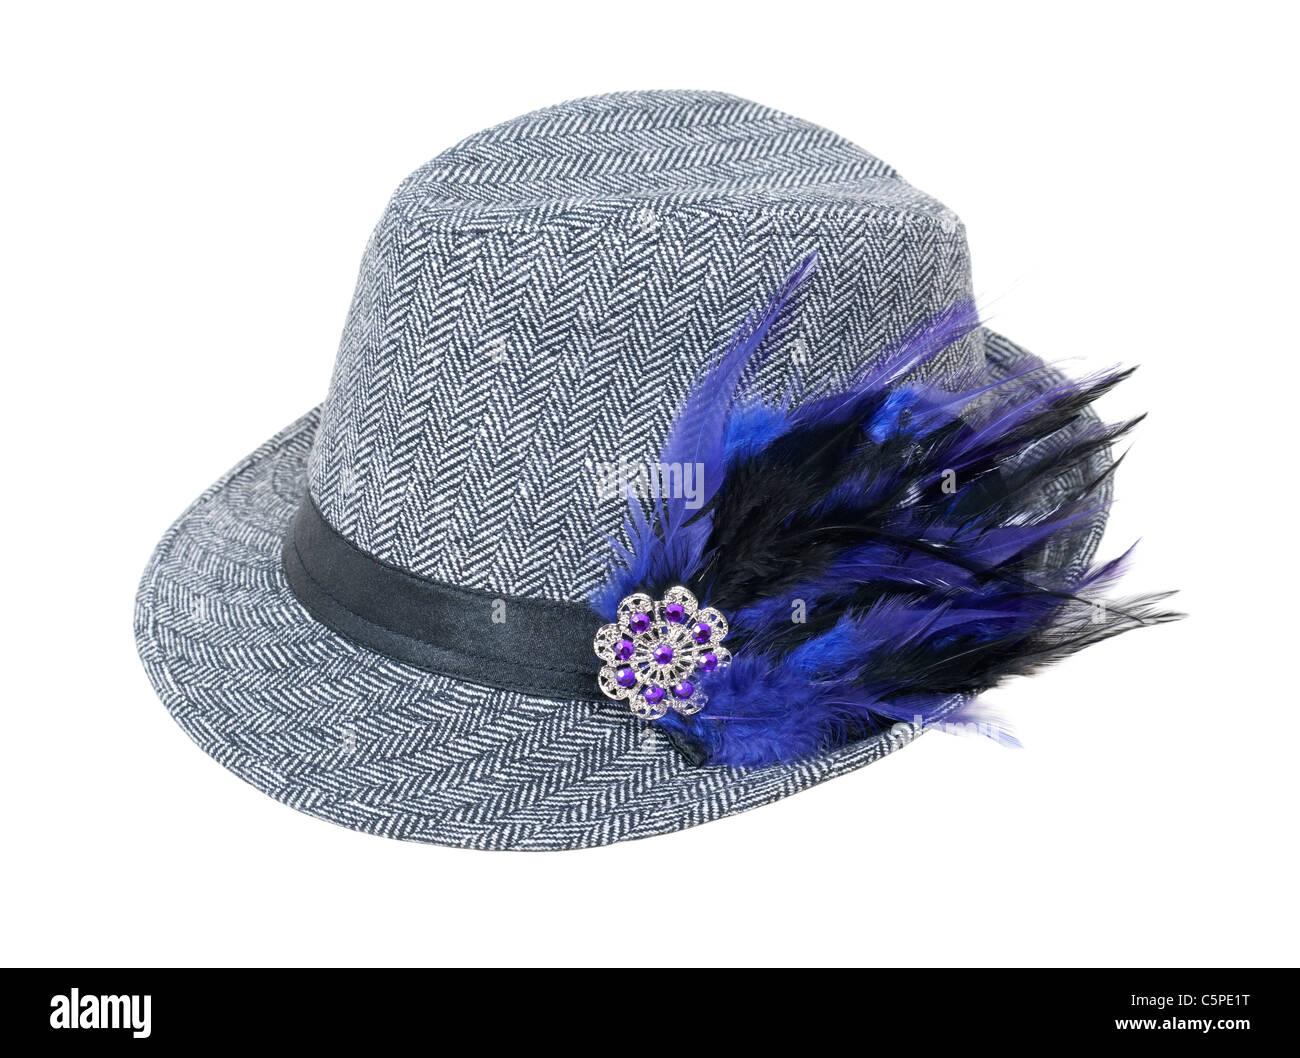 Houndstooth tweed chapeau à plumes et gem élégant élément pour un look sophistiqué Photo Stock